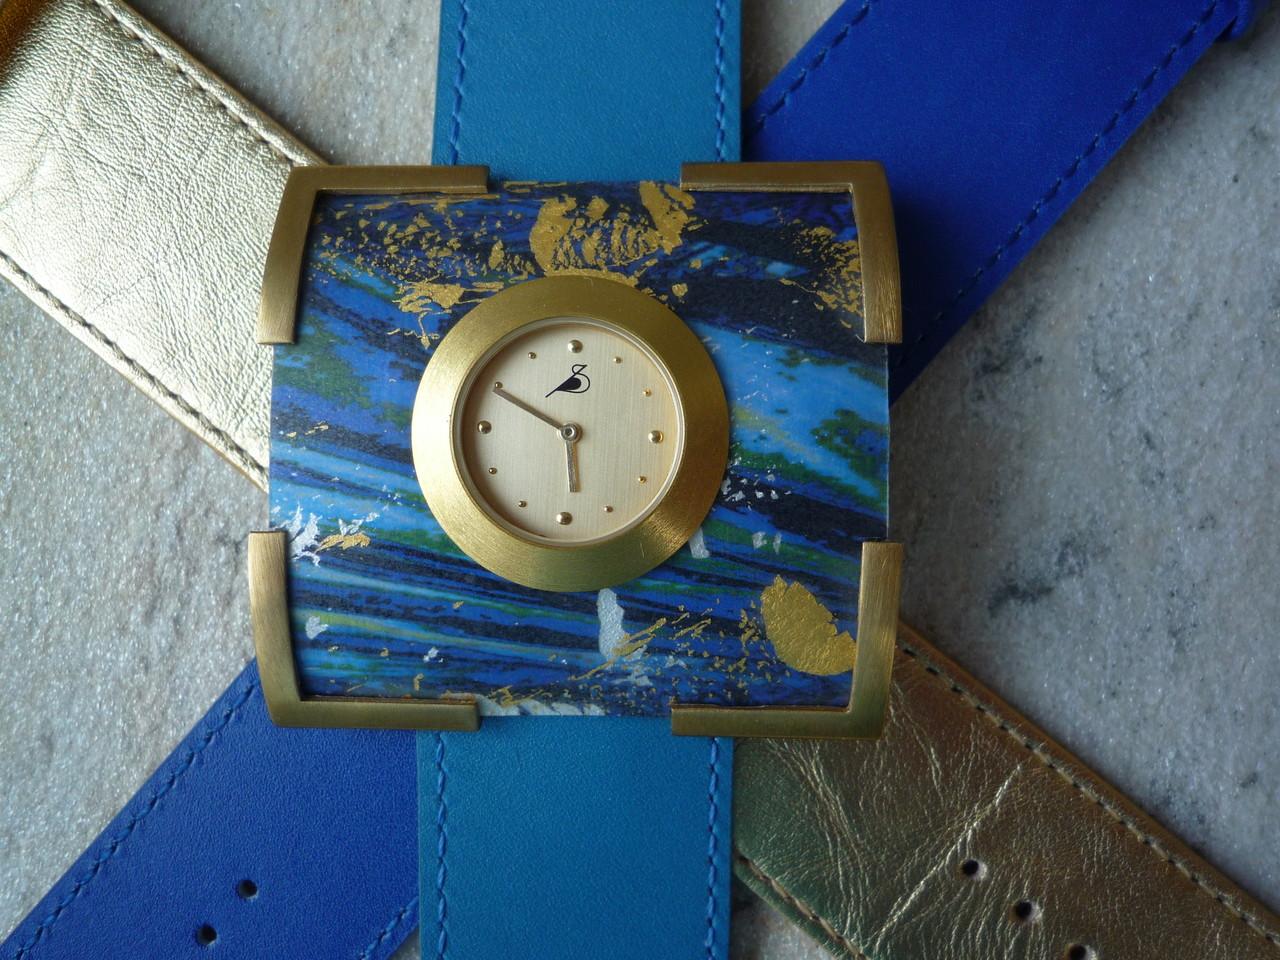 Varissima Uhr mit Schmuckscheibe F65 im Kreuchauff-Design